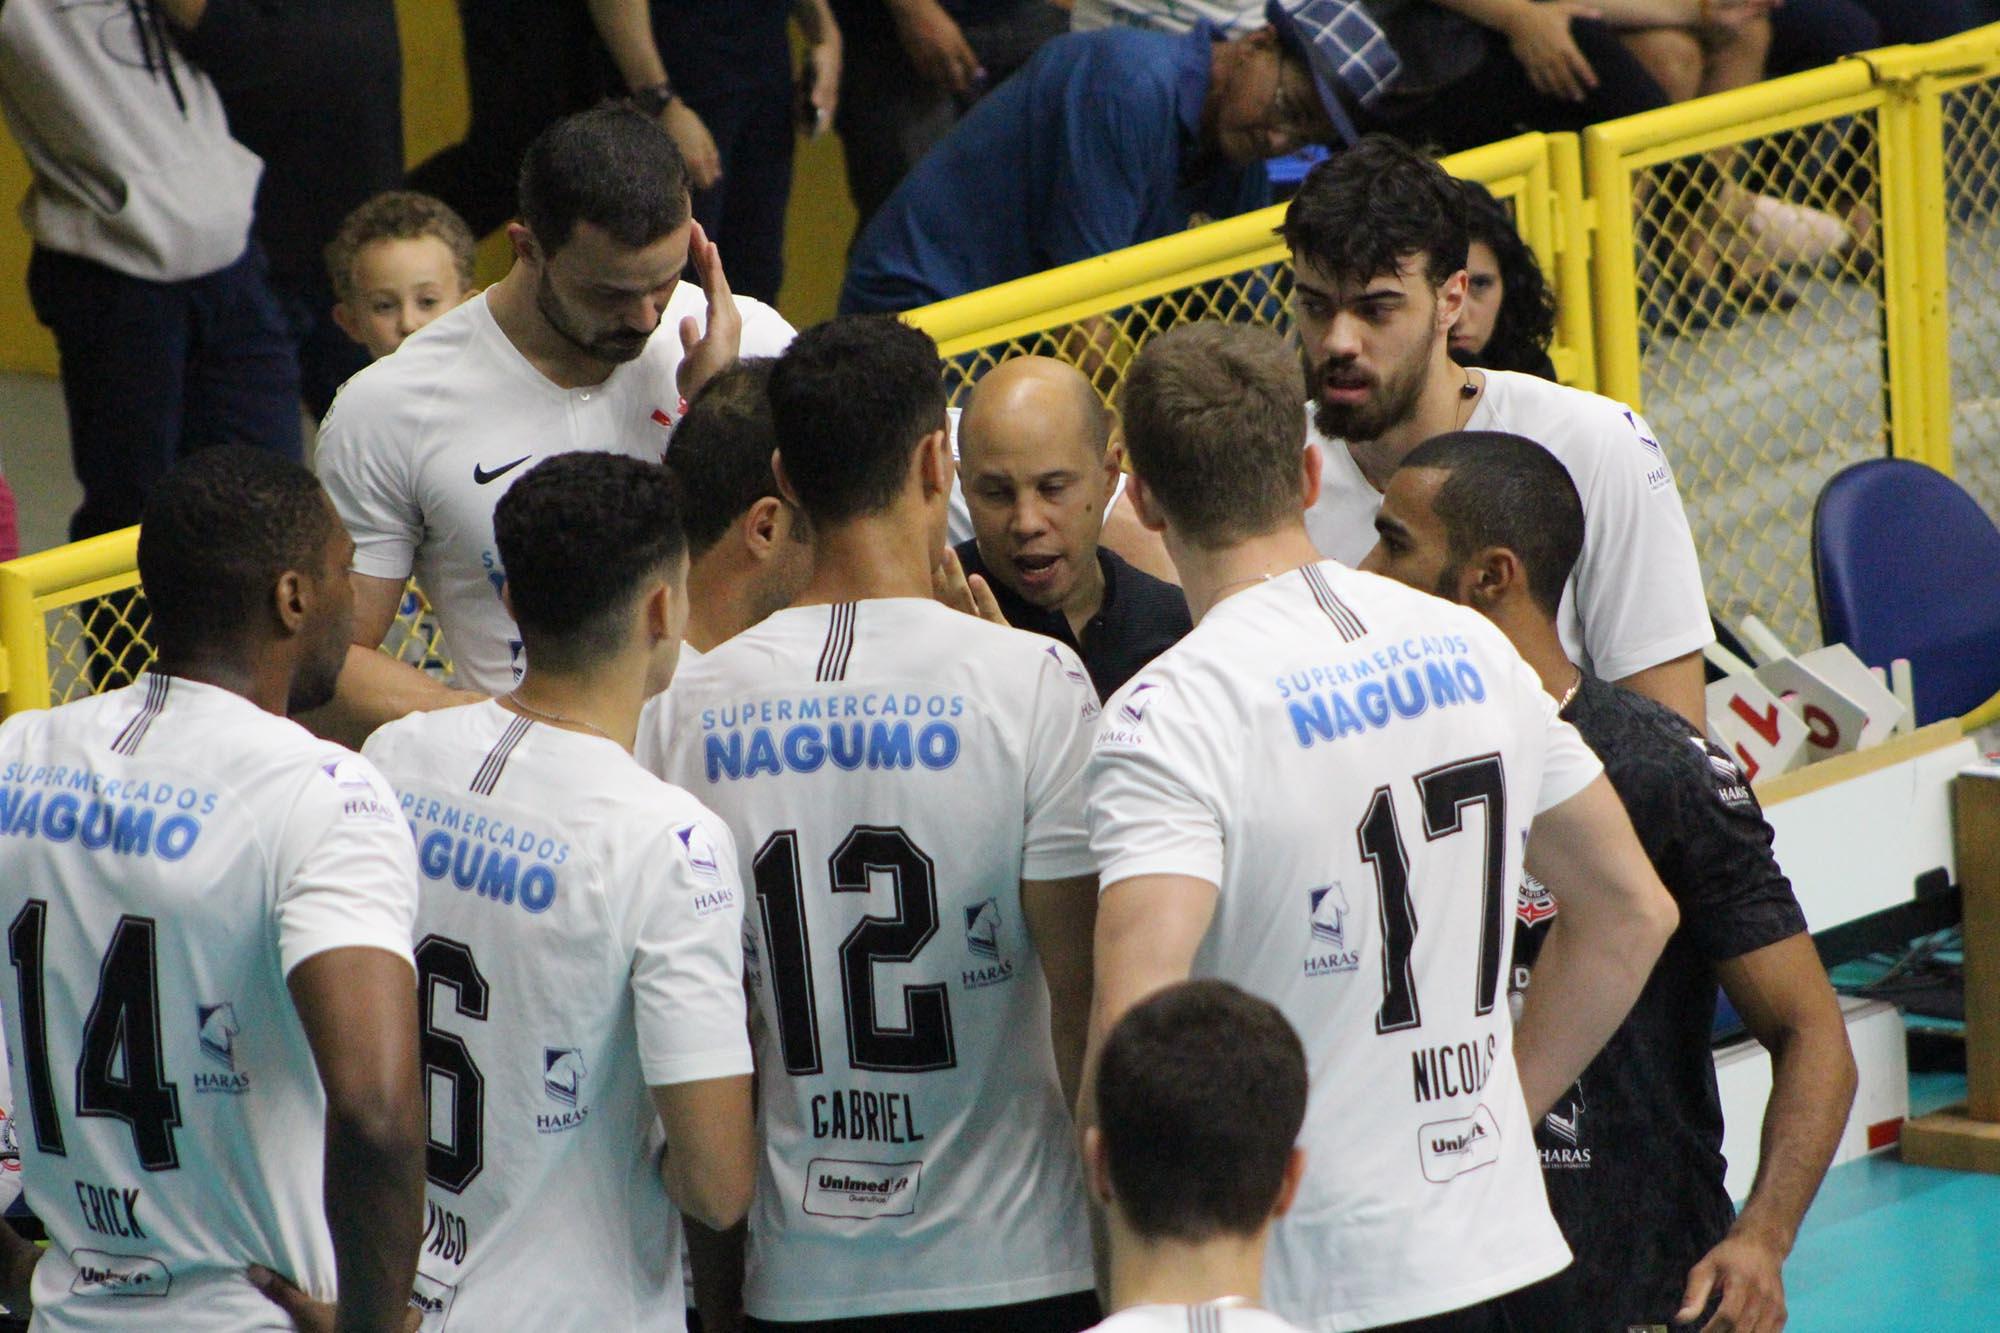 Corinthians-Guarulhos recebe Sesc RJ pela terceira rodada, com transmissão